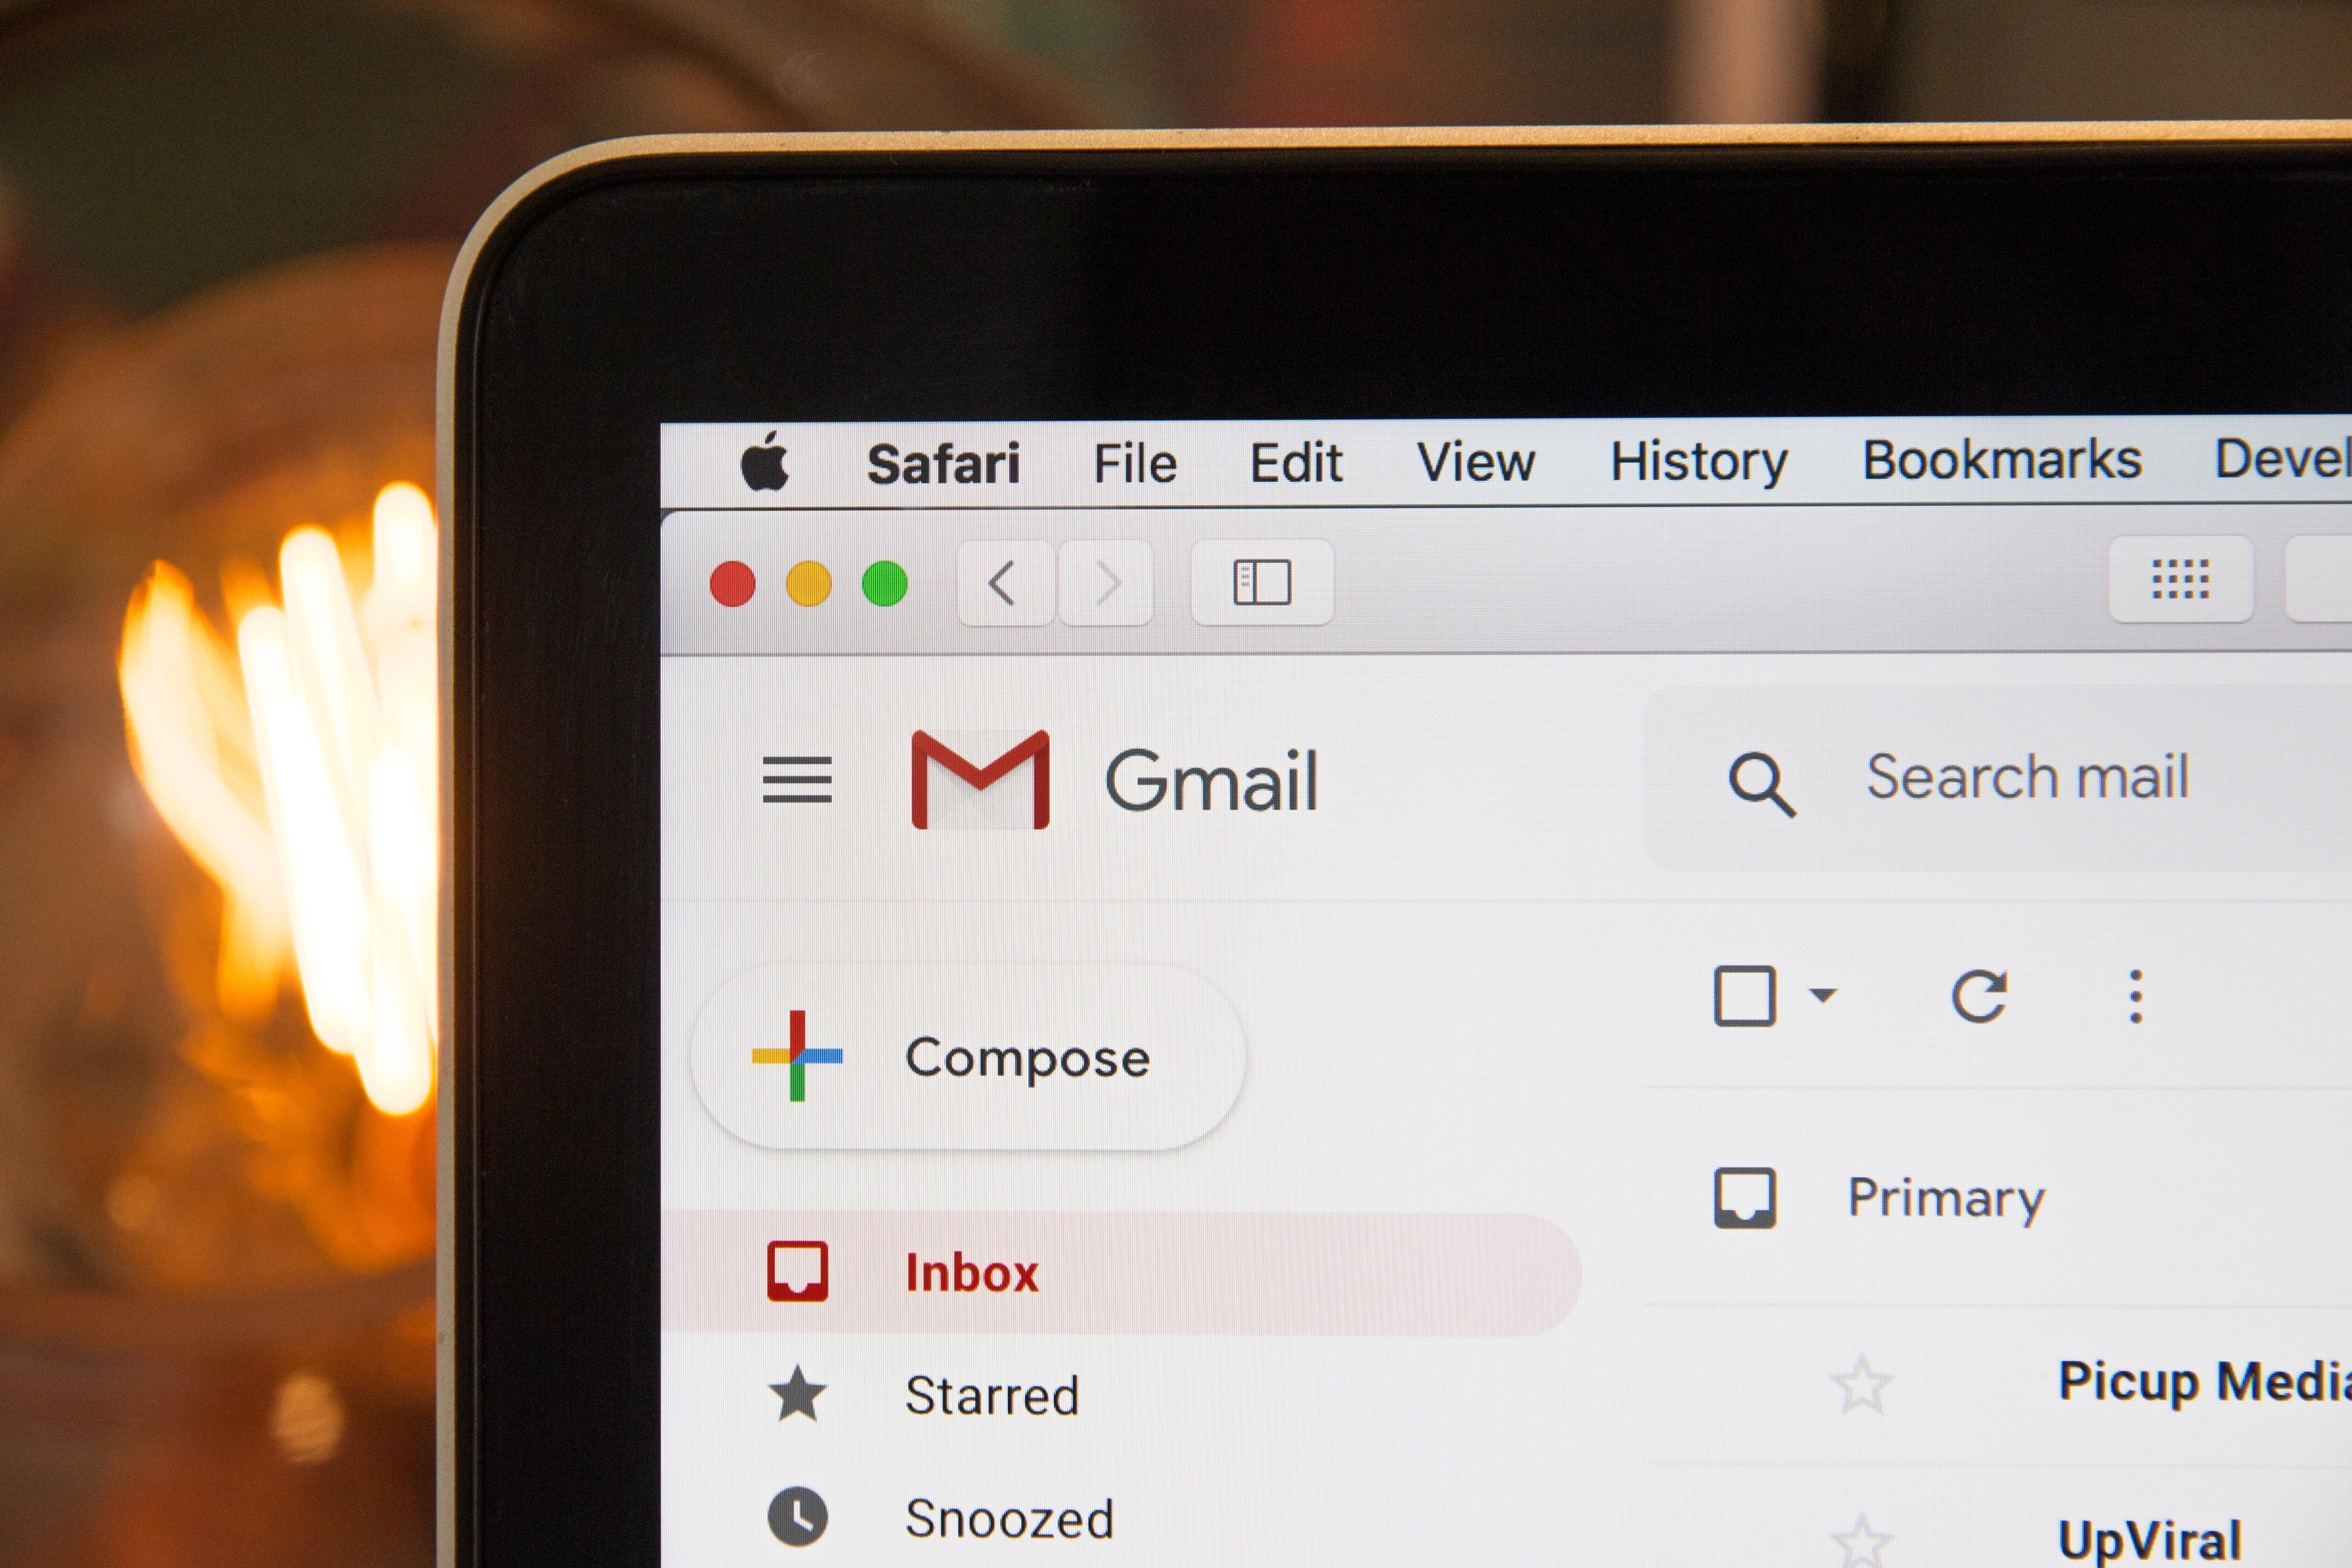 Google révèle l'existence de failles de sécurité dans Safari, le navigateur web d'Apple